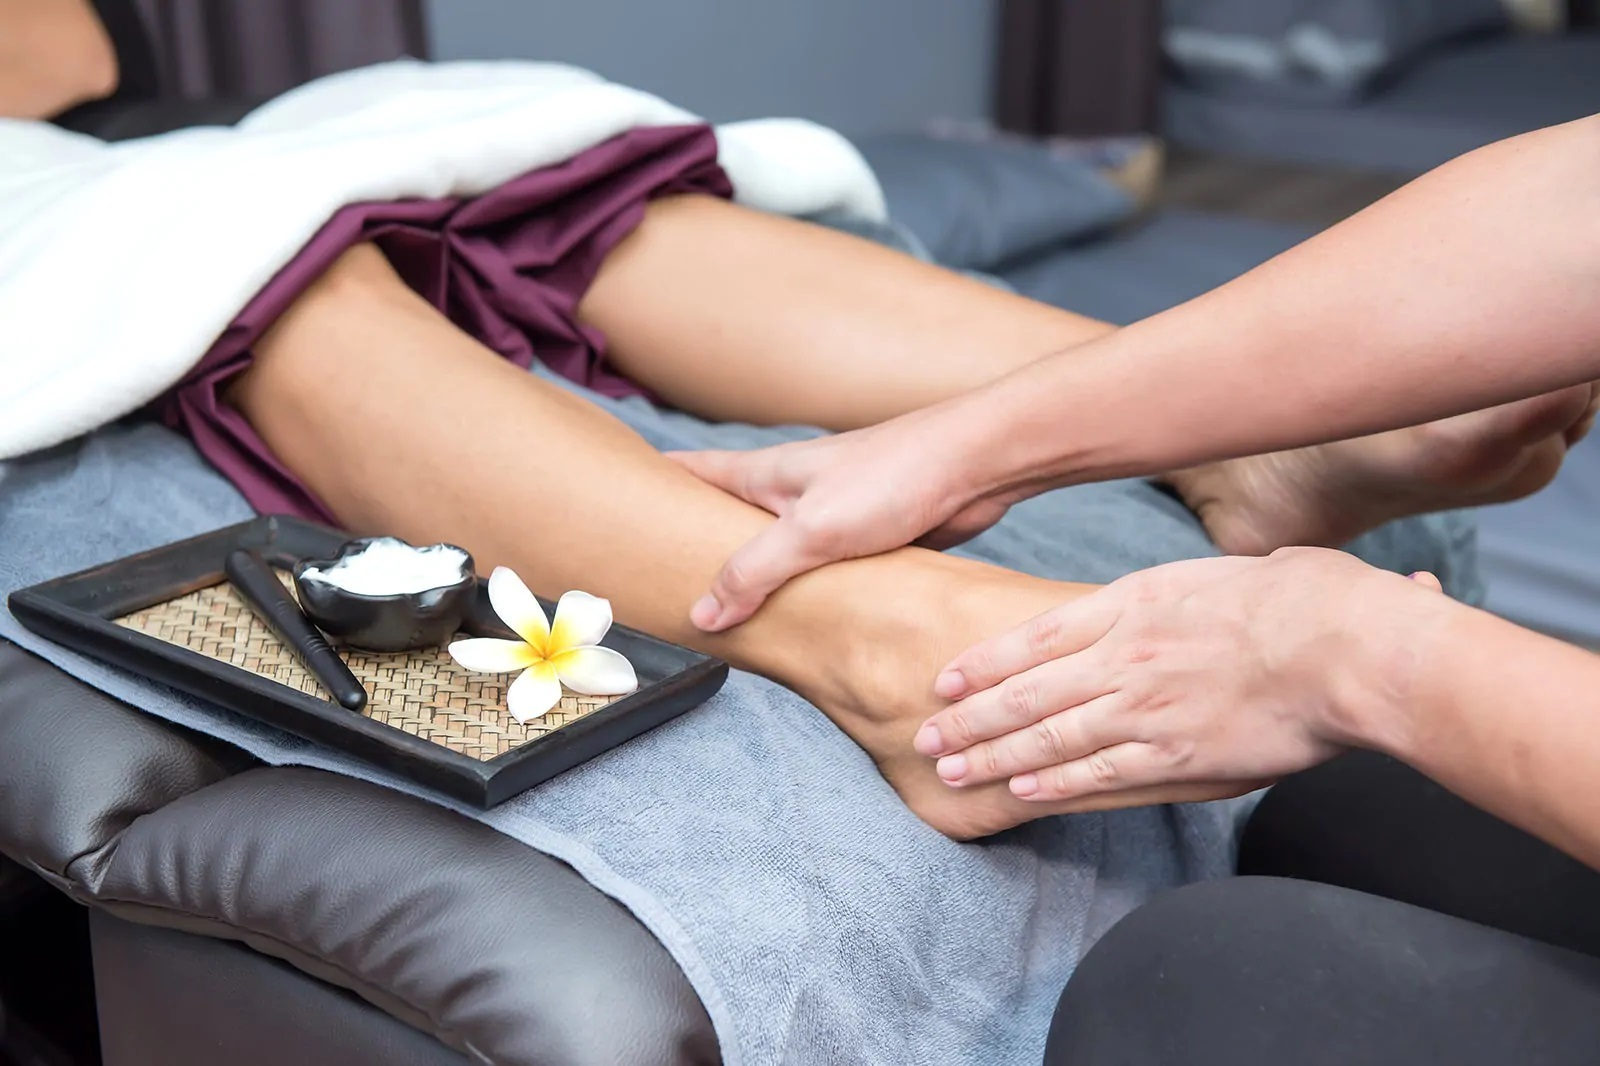 ce este inflamația articulațiilor picioarelor